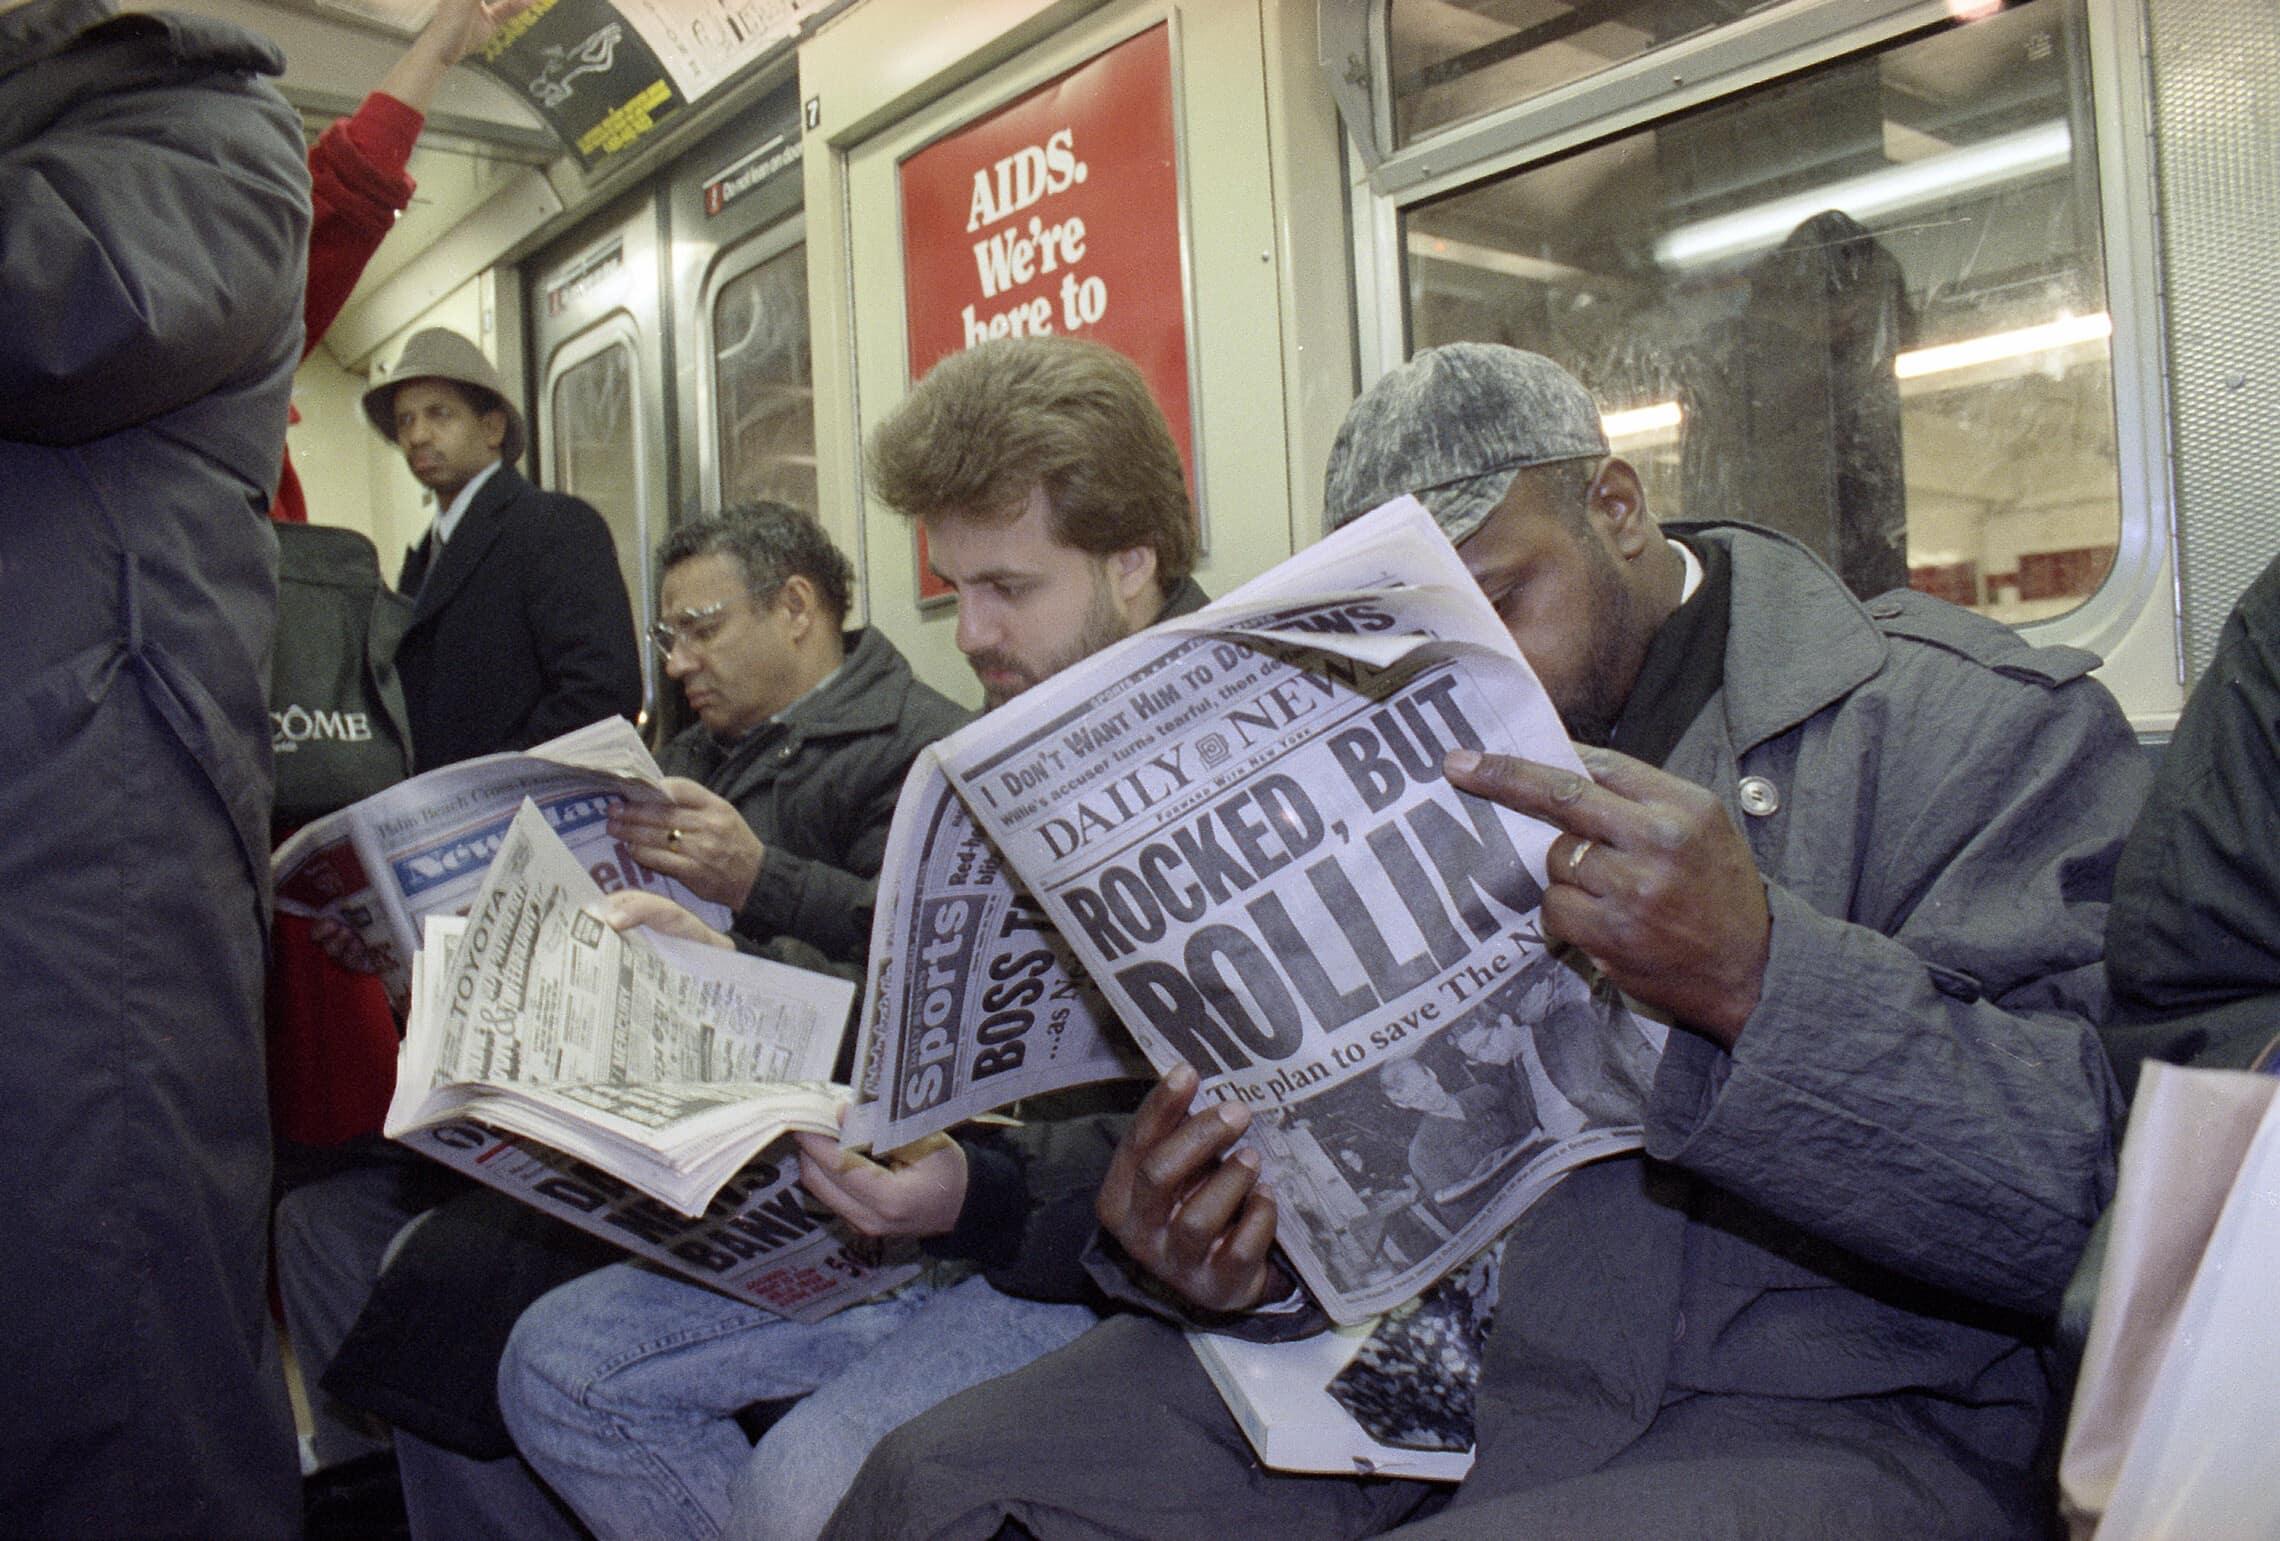 נוסעים ברכבת התחתית בניו יורק קוראים את הניו יורק דיילי ניוז ב-6 בדצמבר 1991 (צילום: AP Photo/Norman Y. Lono)